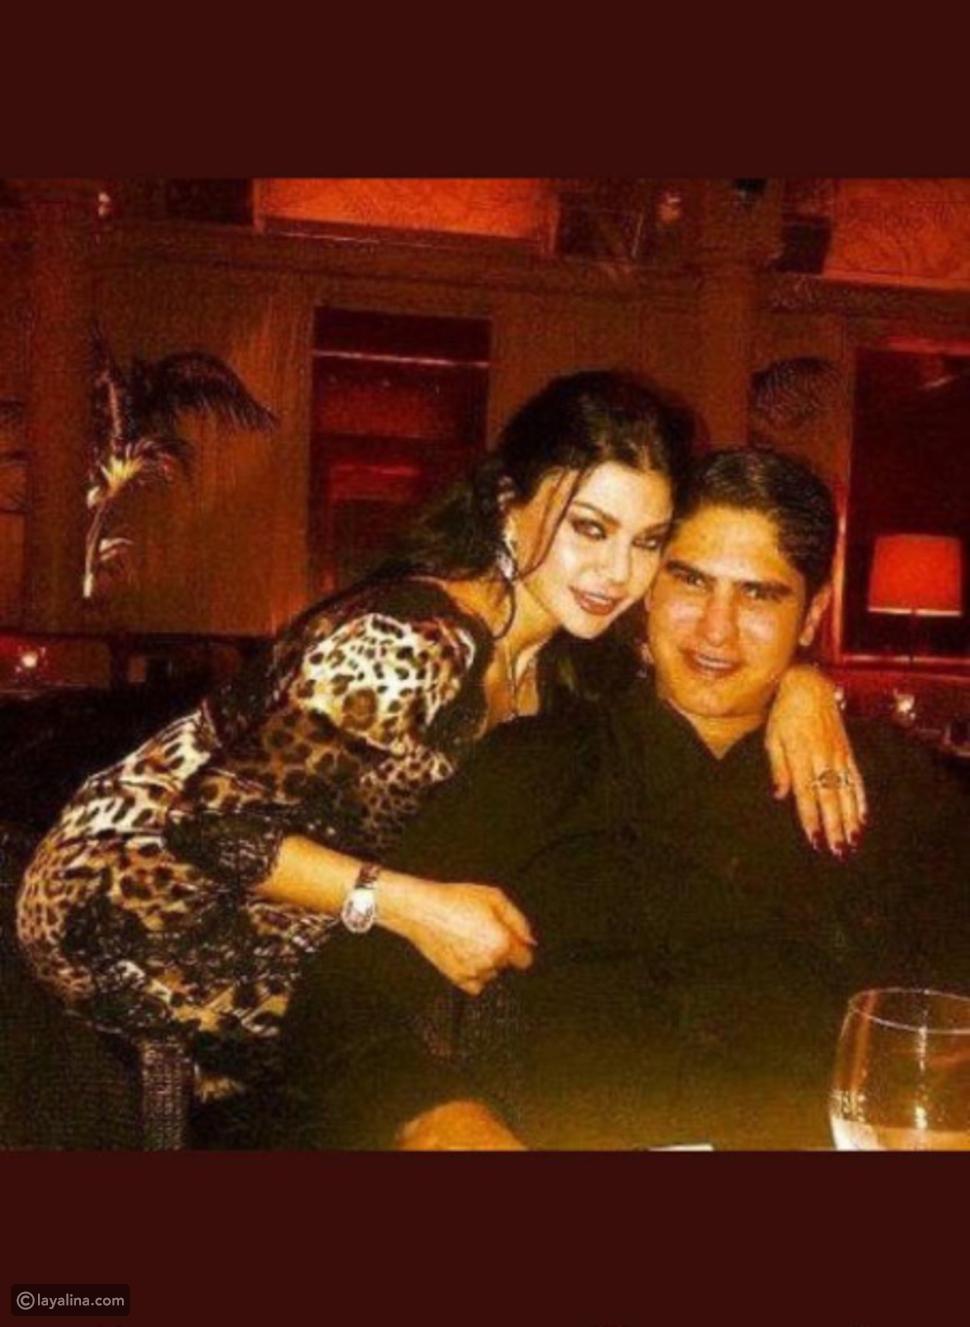 صورة لهيفاء وهبي مع زوجها أحمد أبو هشيمة في باريس قبل طلاقهما